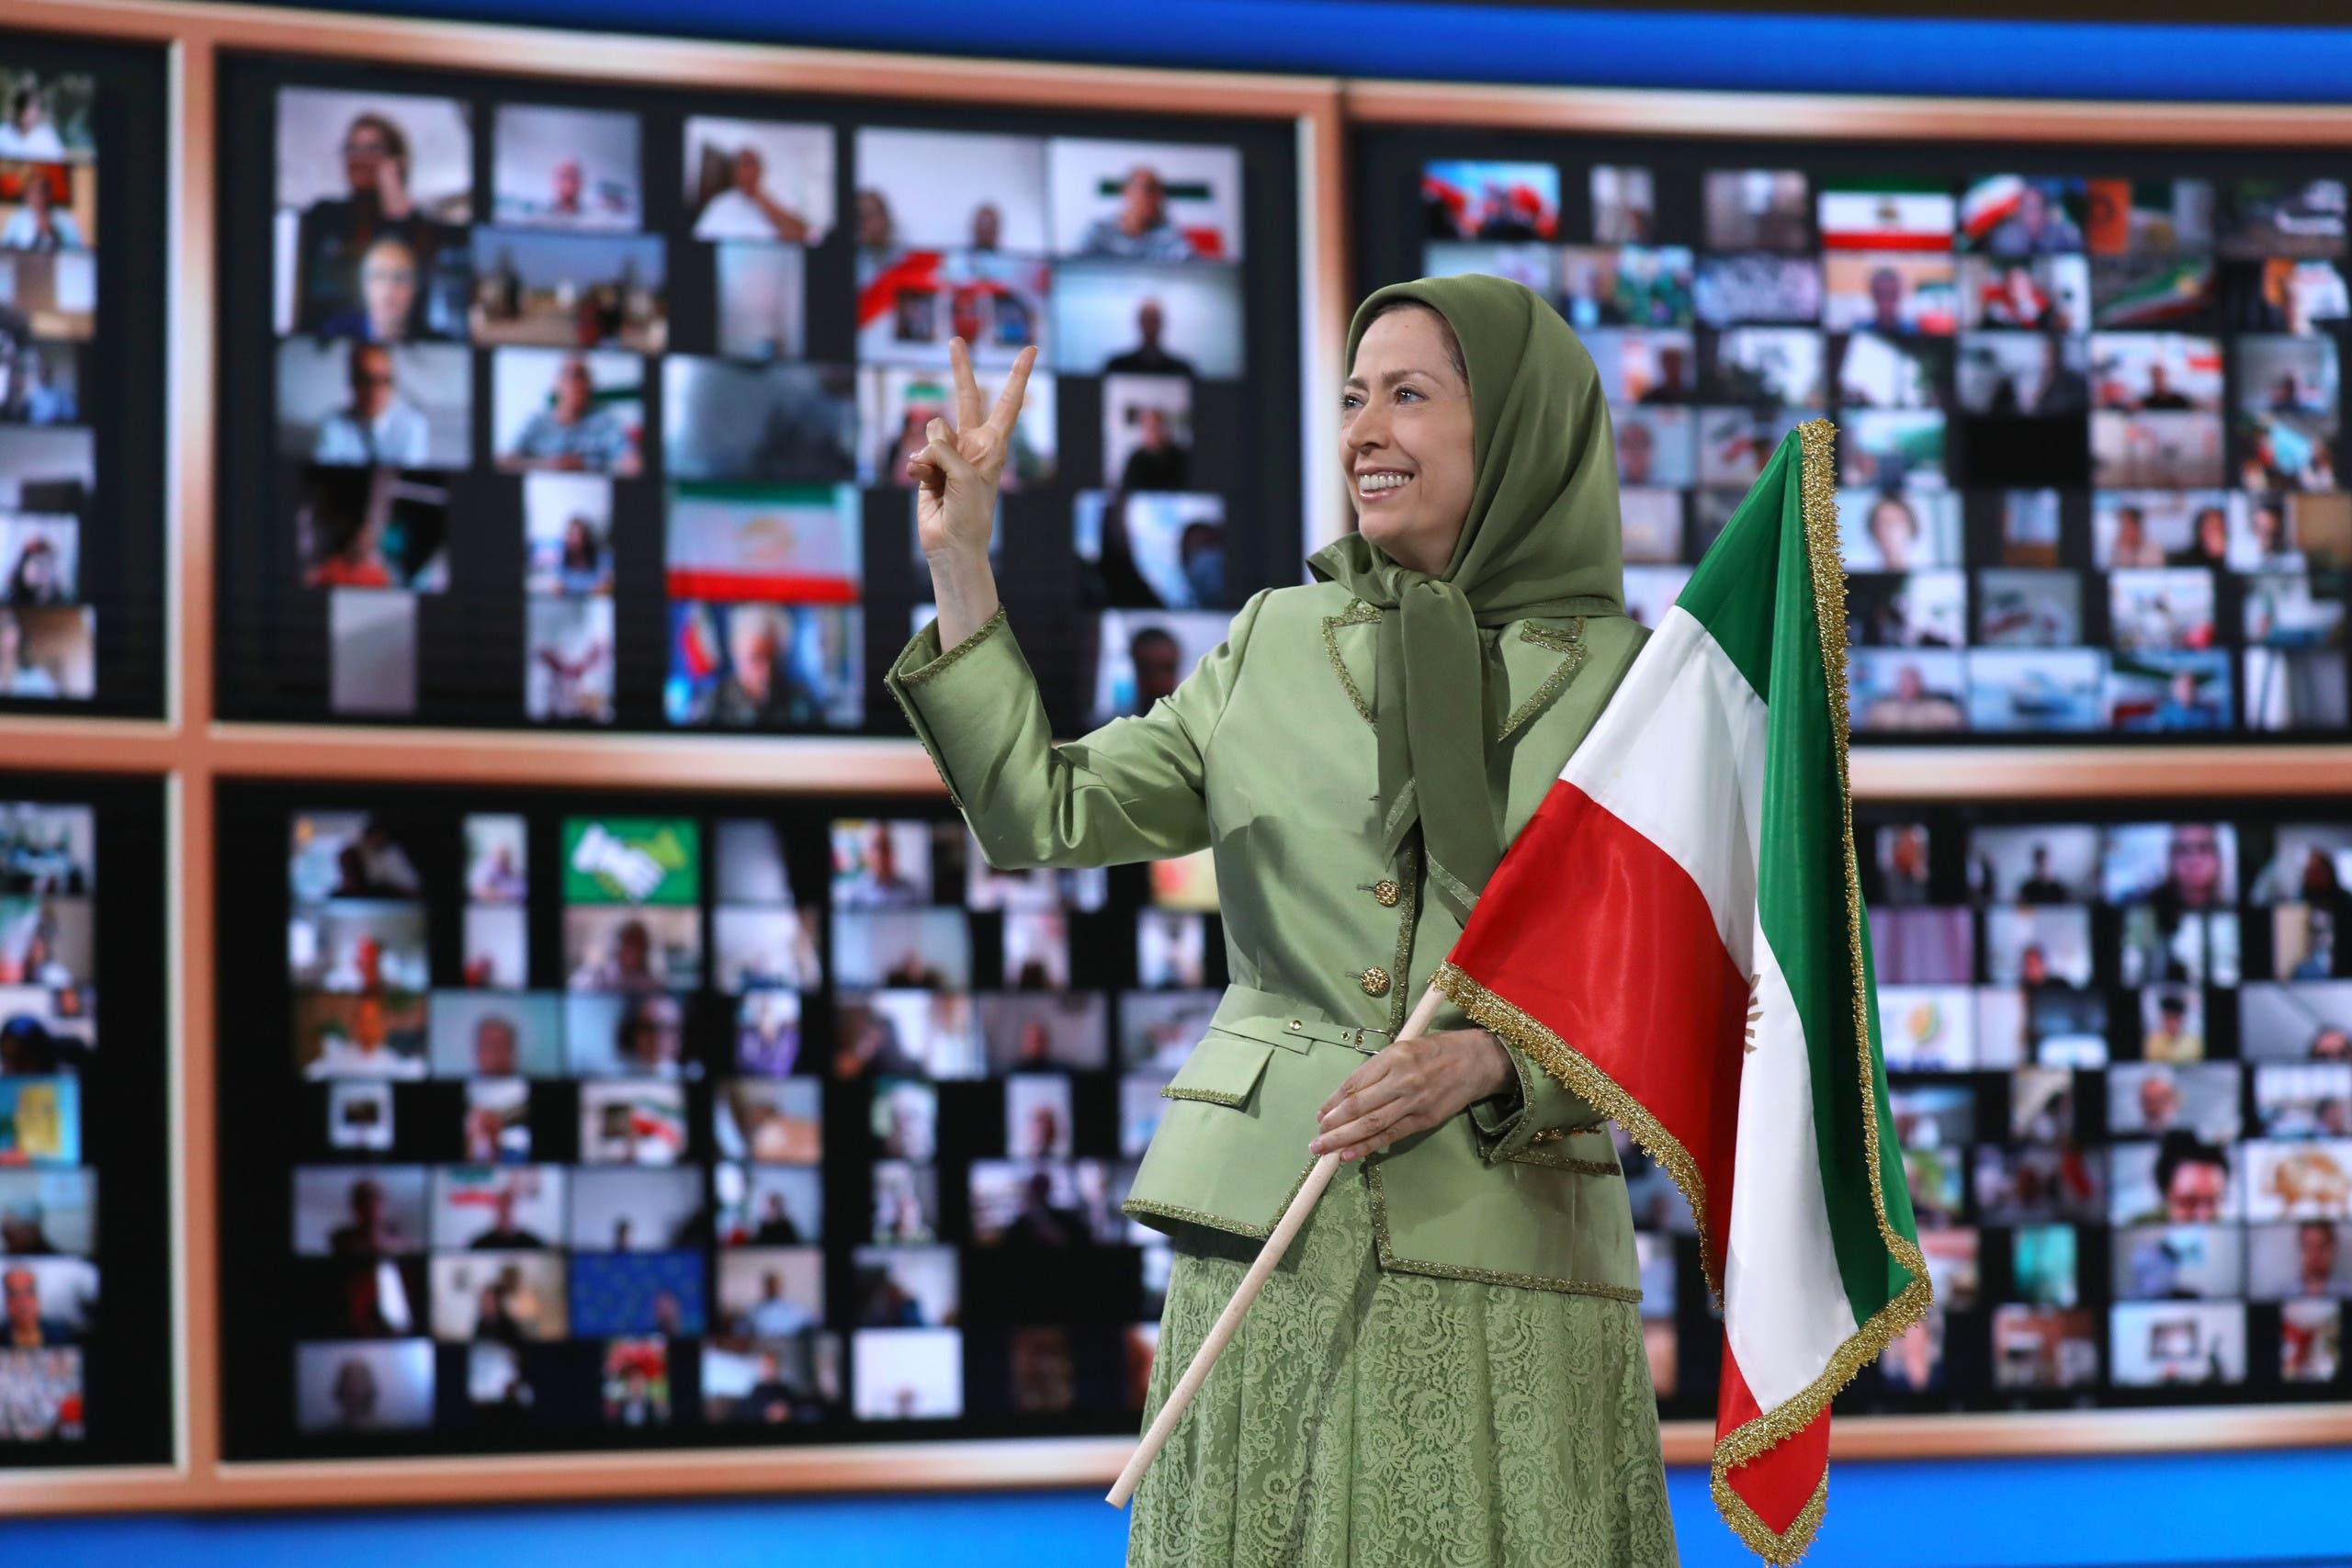 مریم رجوی در اجلاس ایران آزاد